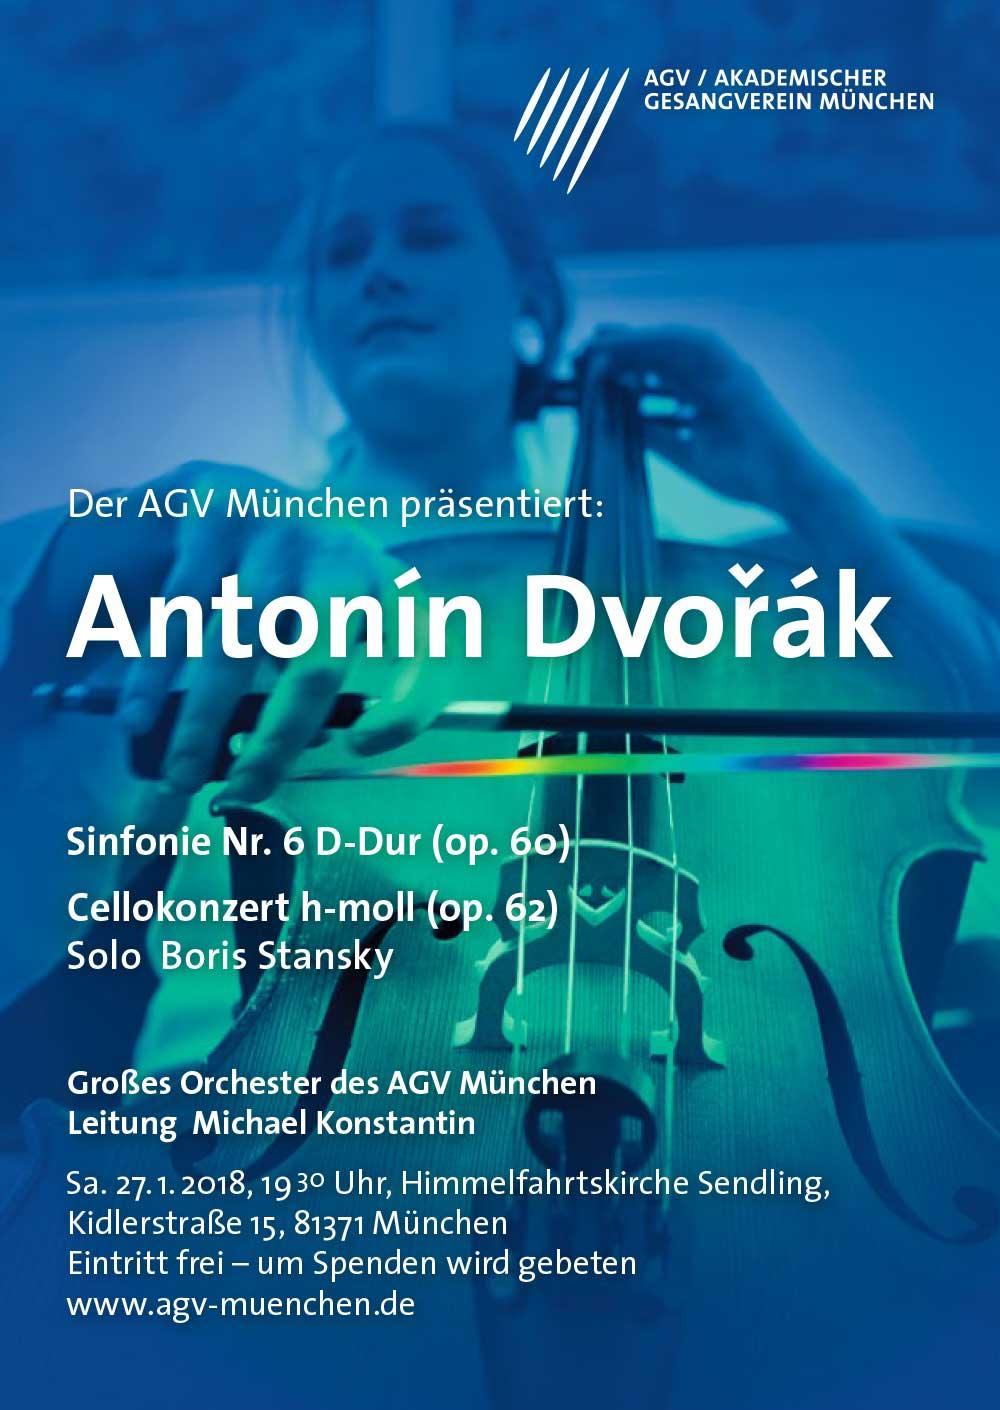 Plakatdesign für Akademischer Gesangsverein München Antonin Dvorak Poster